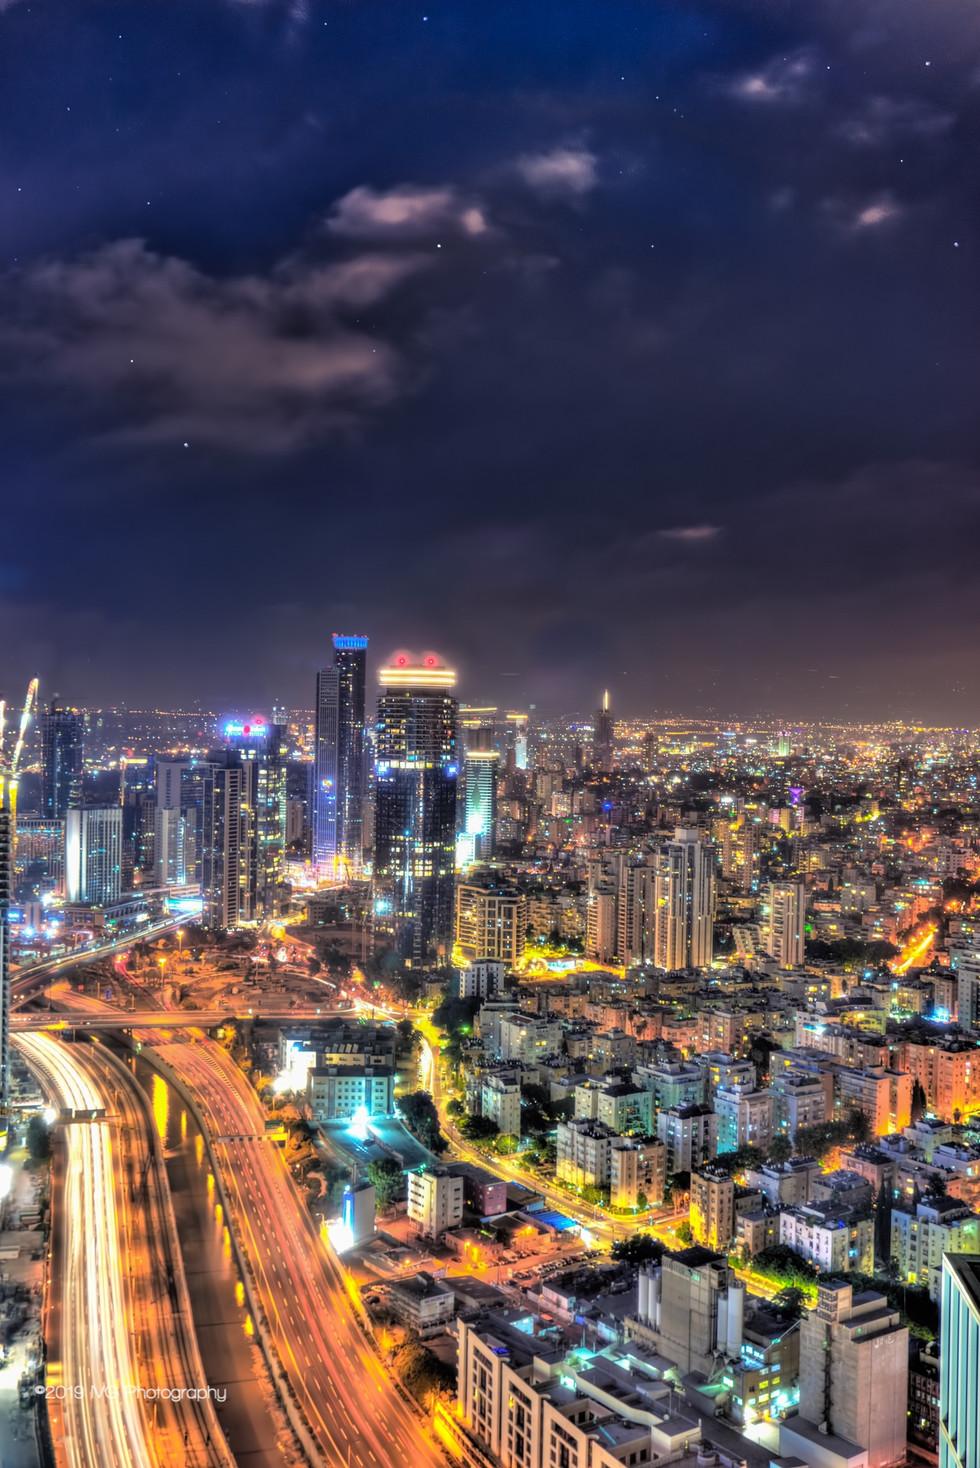 Tel Aviv at Night No. 2